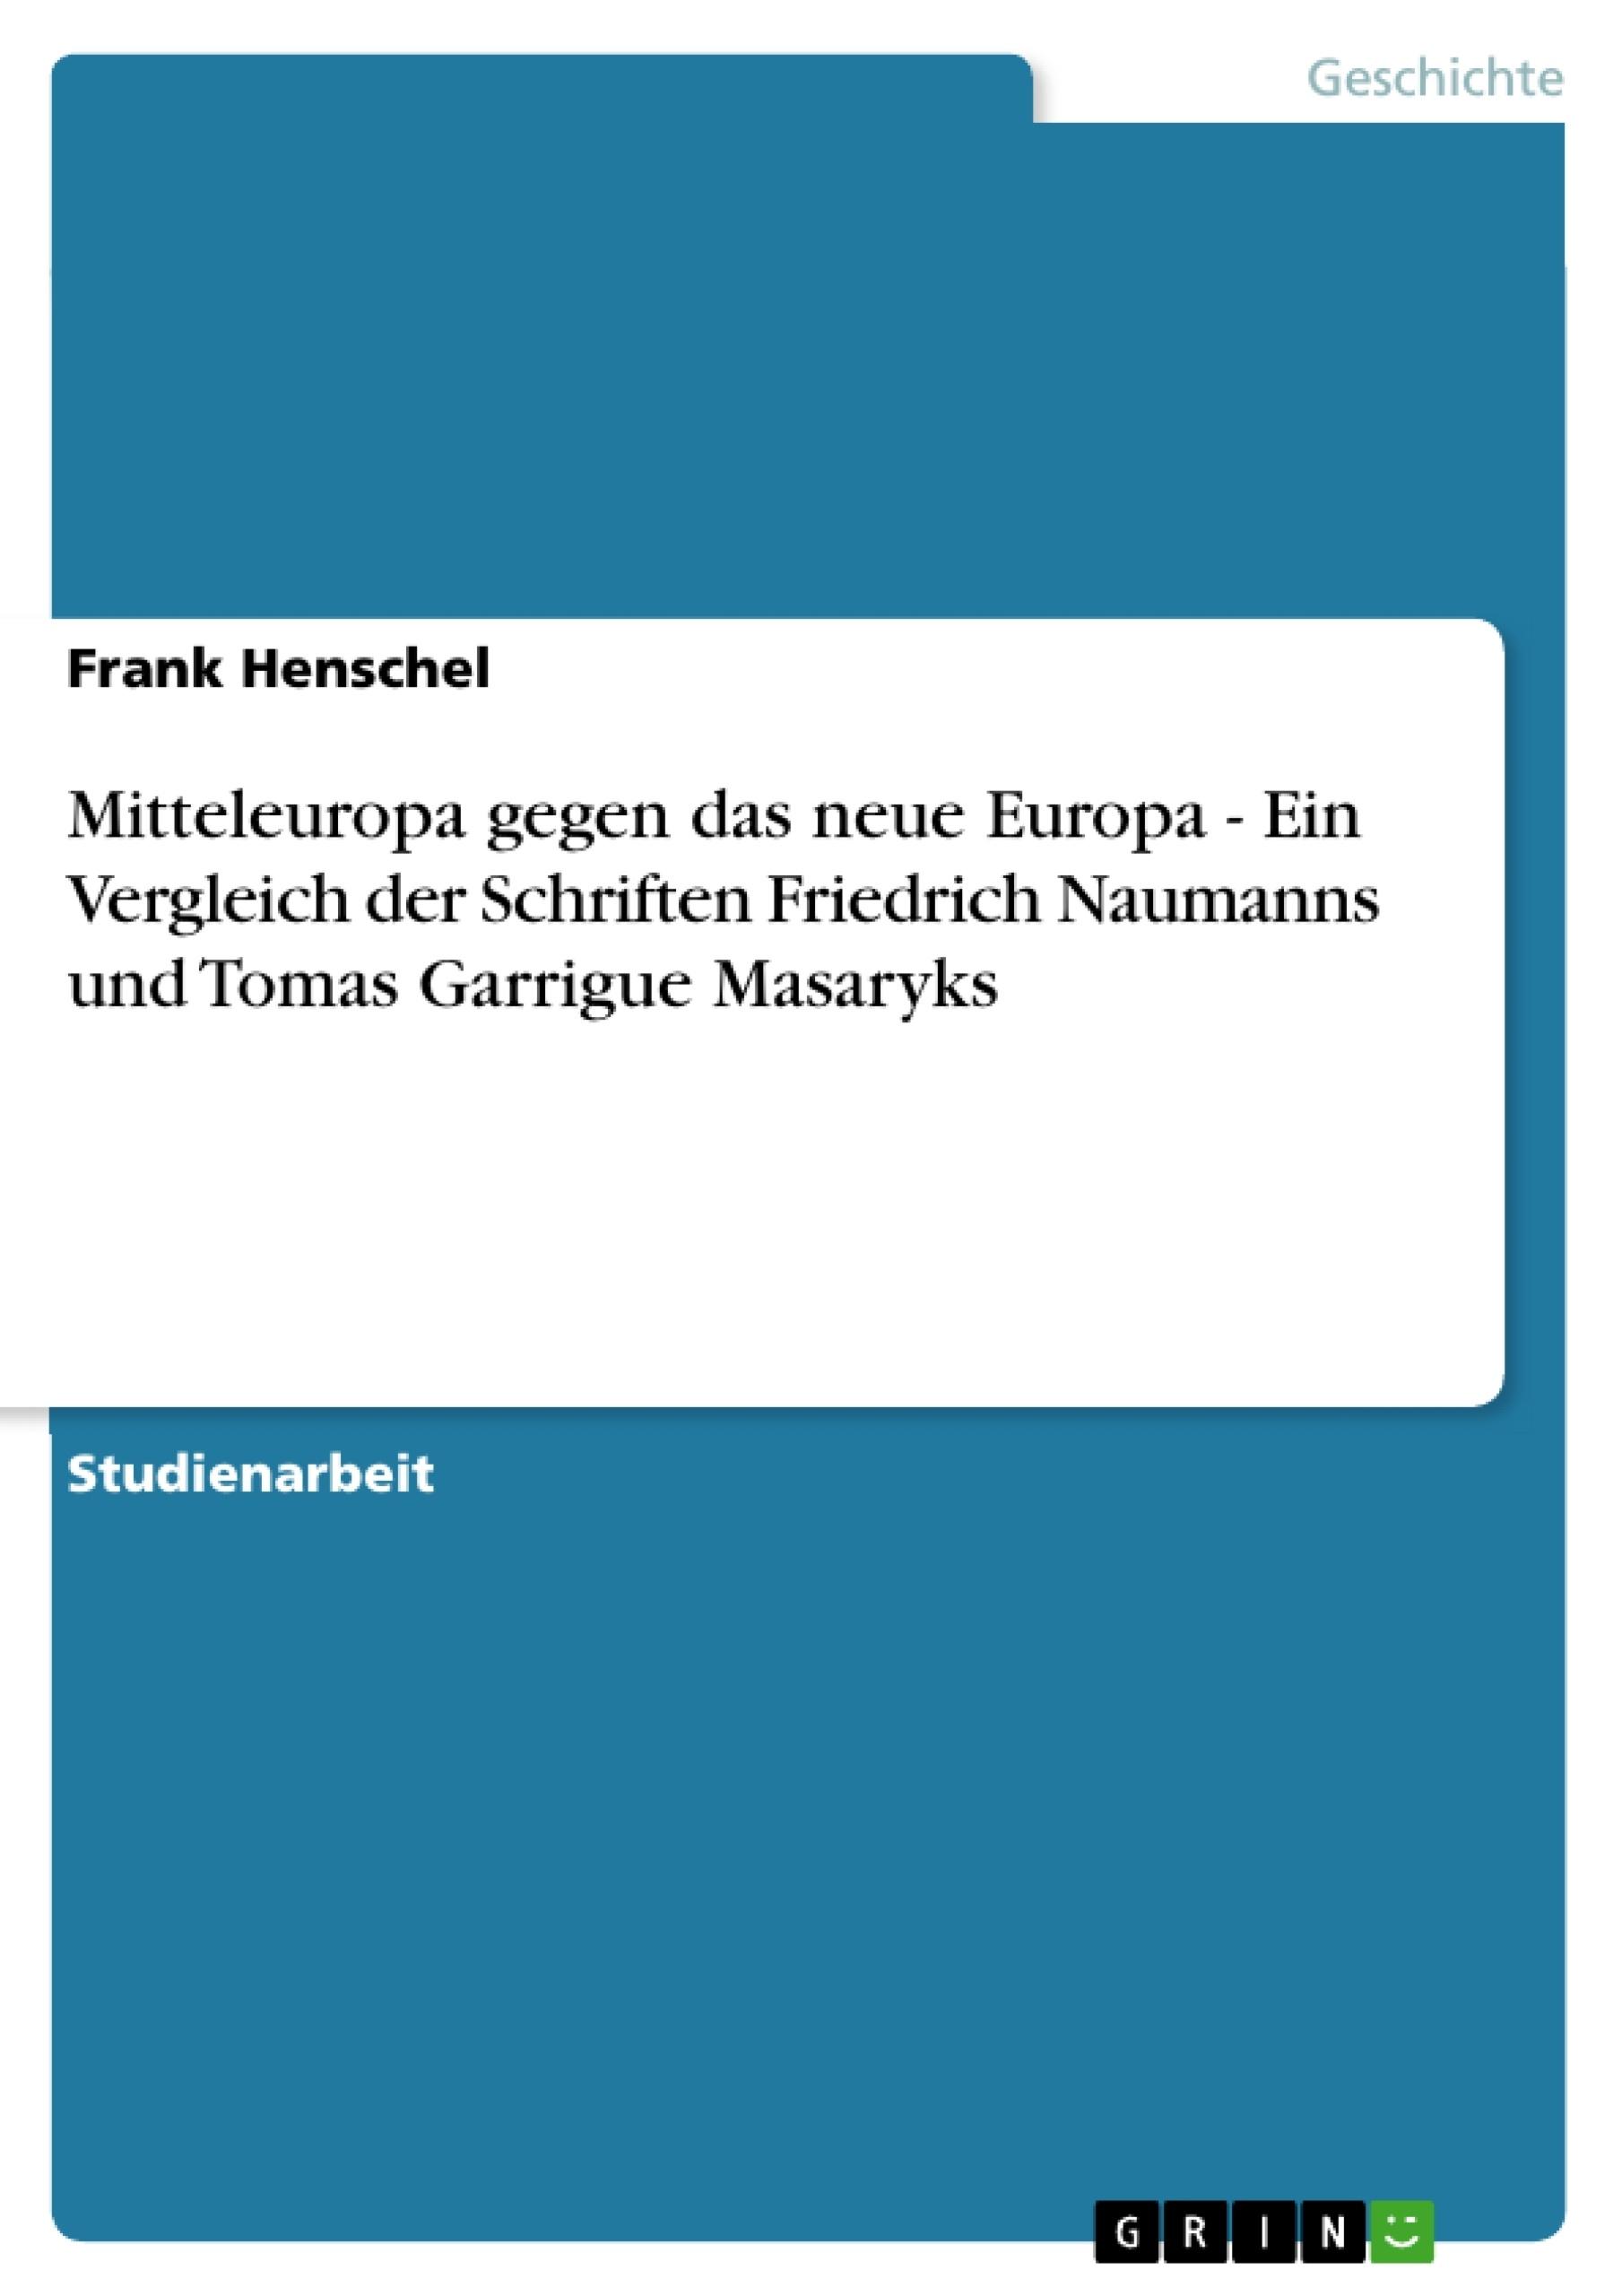 Titel: Mitteleuropa gegen das neue Europa - Ein Vergleich der Schriften Friedrich Naumanns und Tomas Garrigue Masaryks